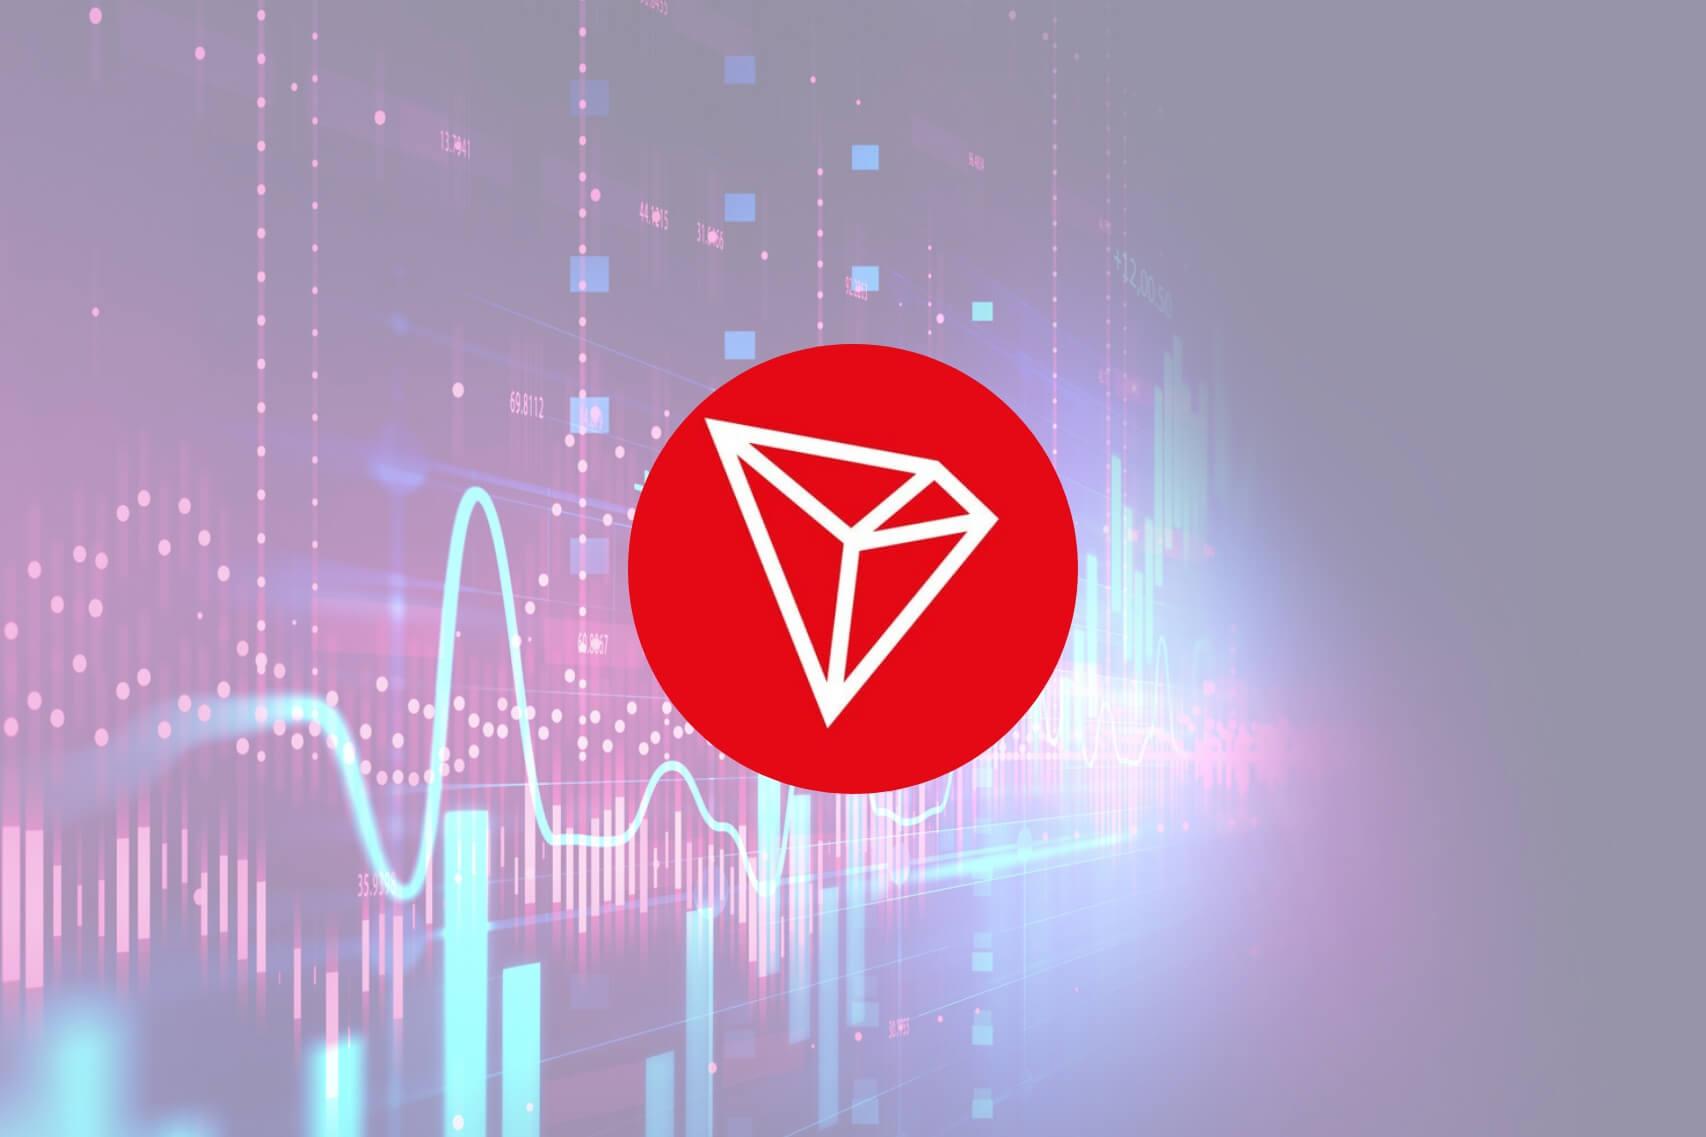 TRX price analysis